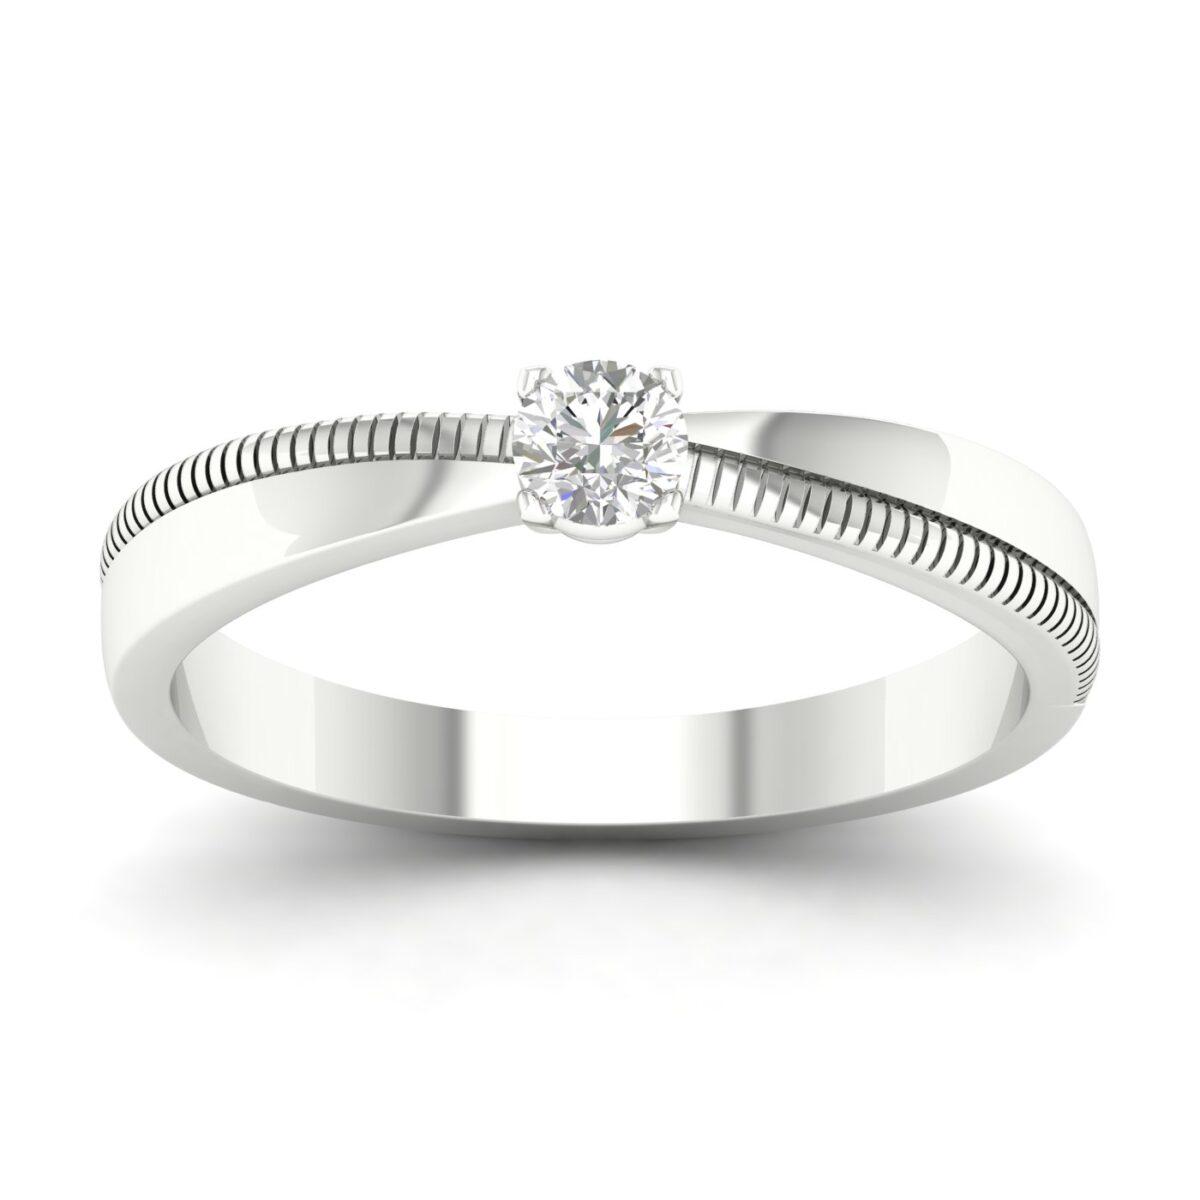 Kullast sõrmus teemantiga 0,25 ct. Kood: 81hb